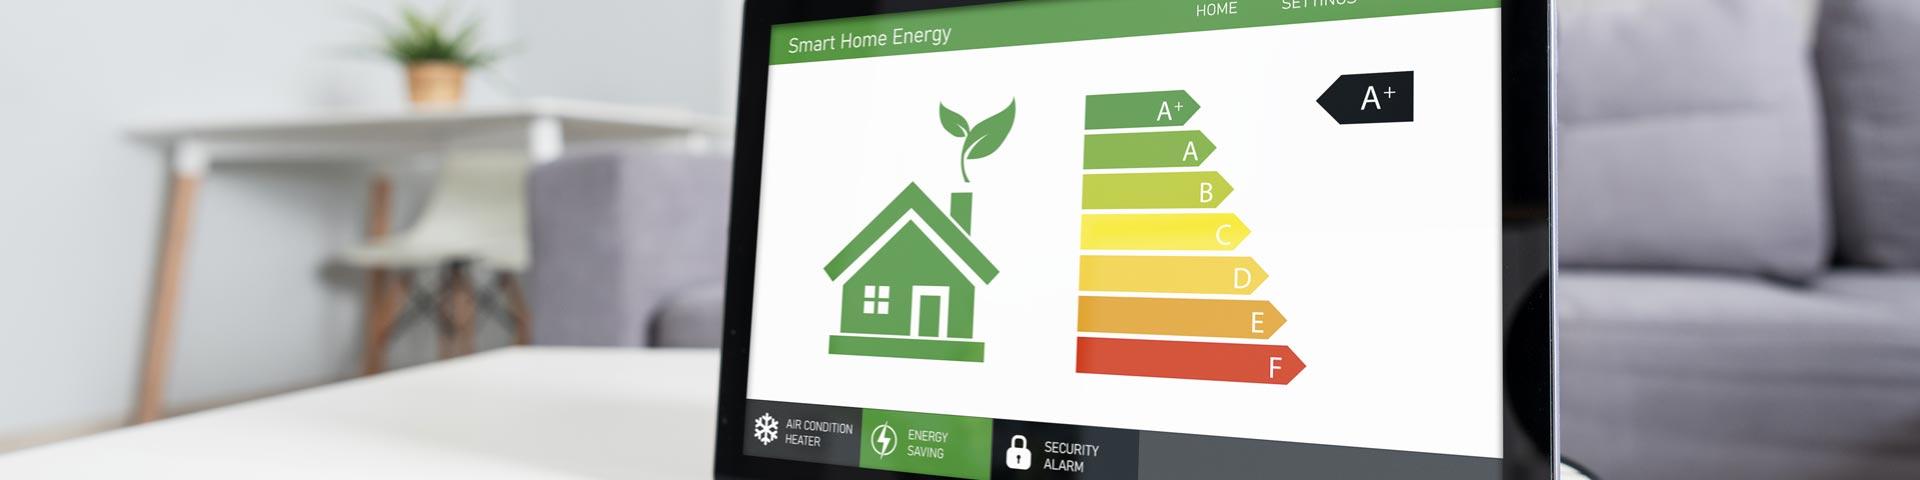 energielabel voor woning duurder